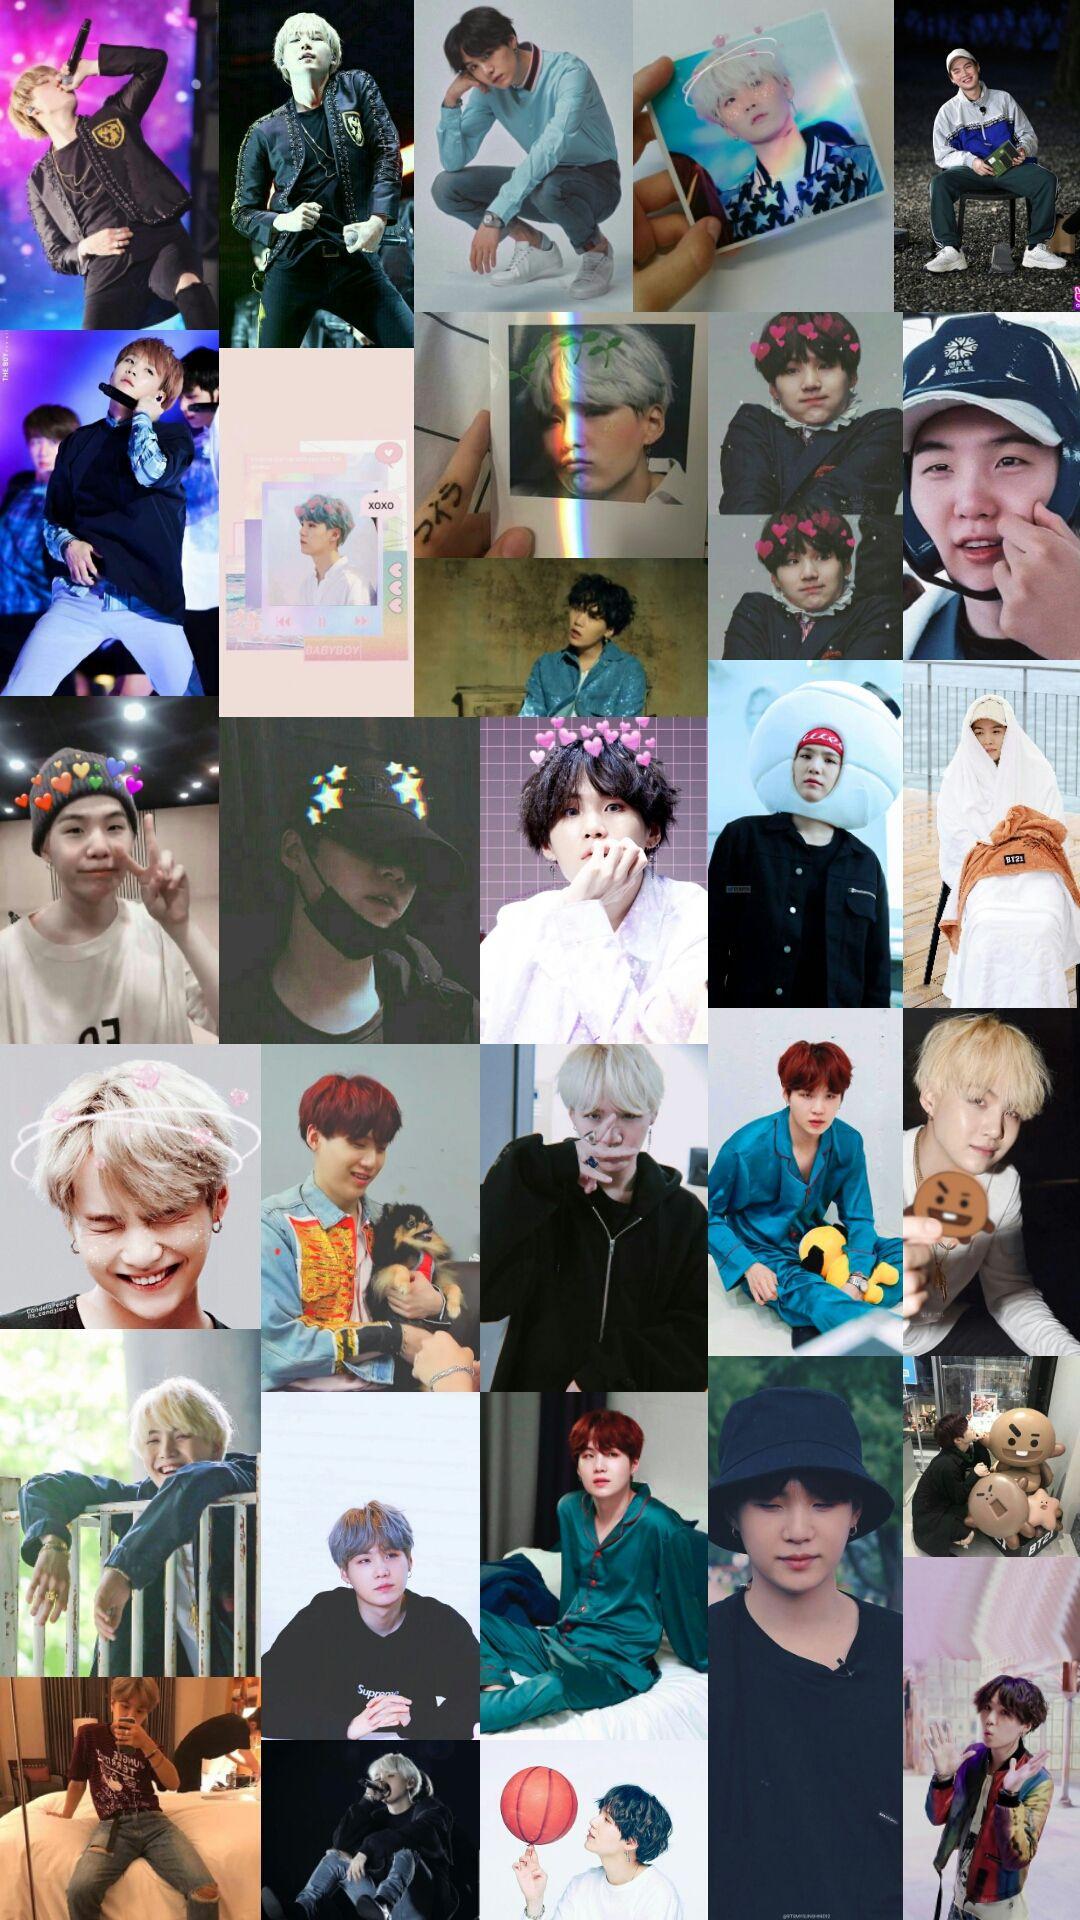 Suga Collage Suga Bts Pictures Bts Wallpaper Bts wallpaper suga collage